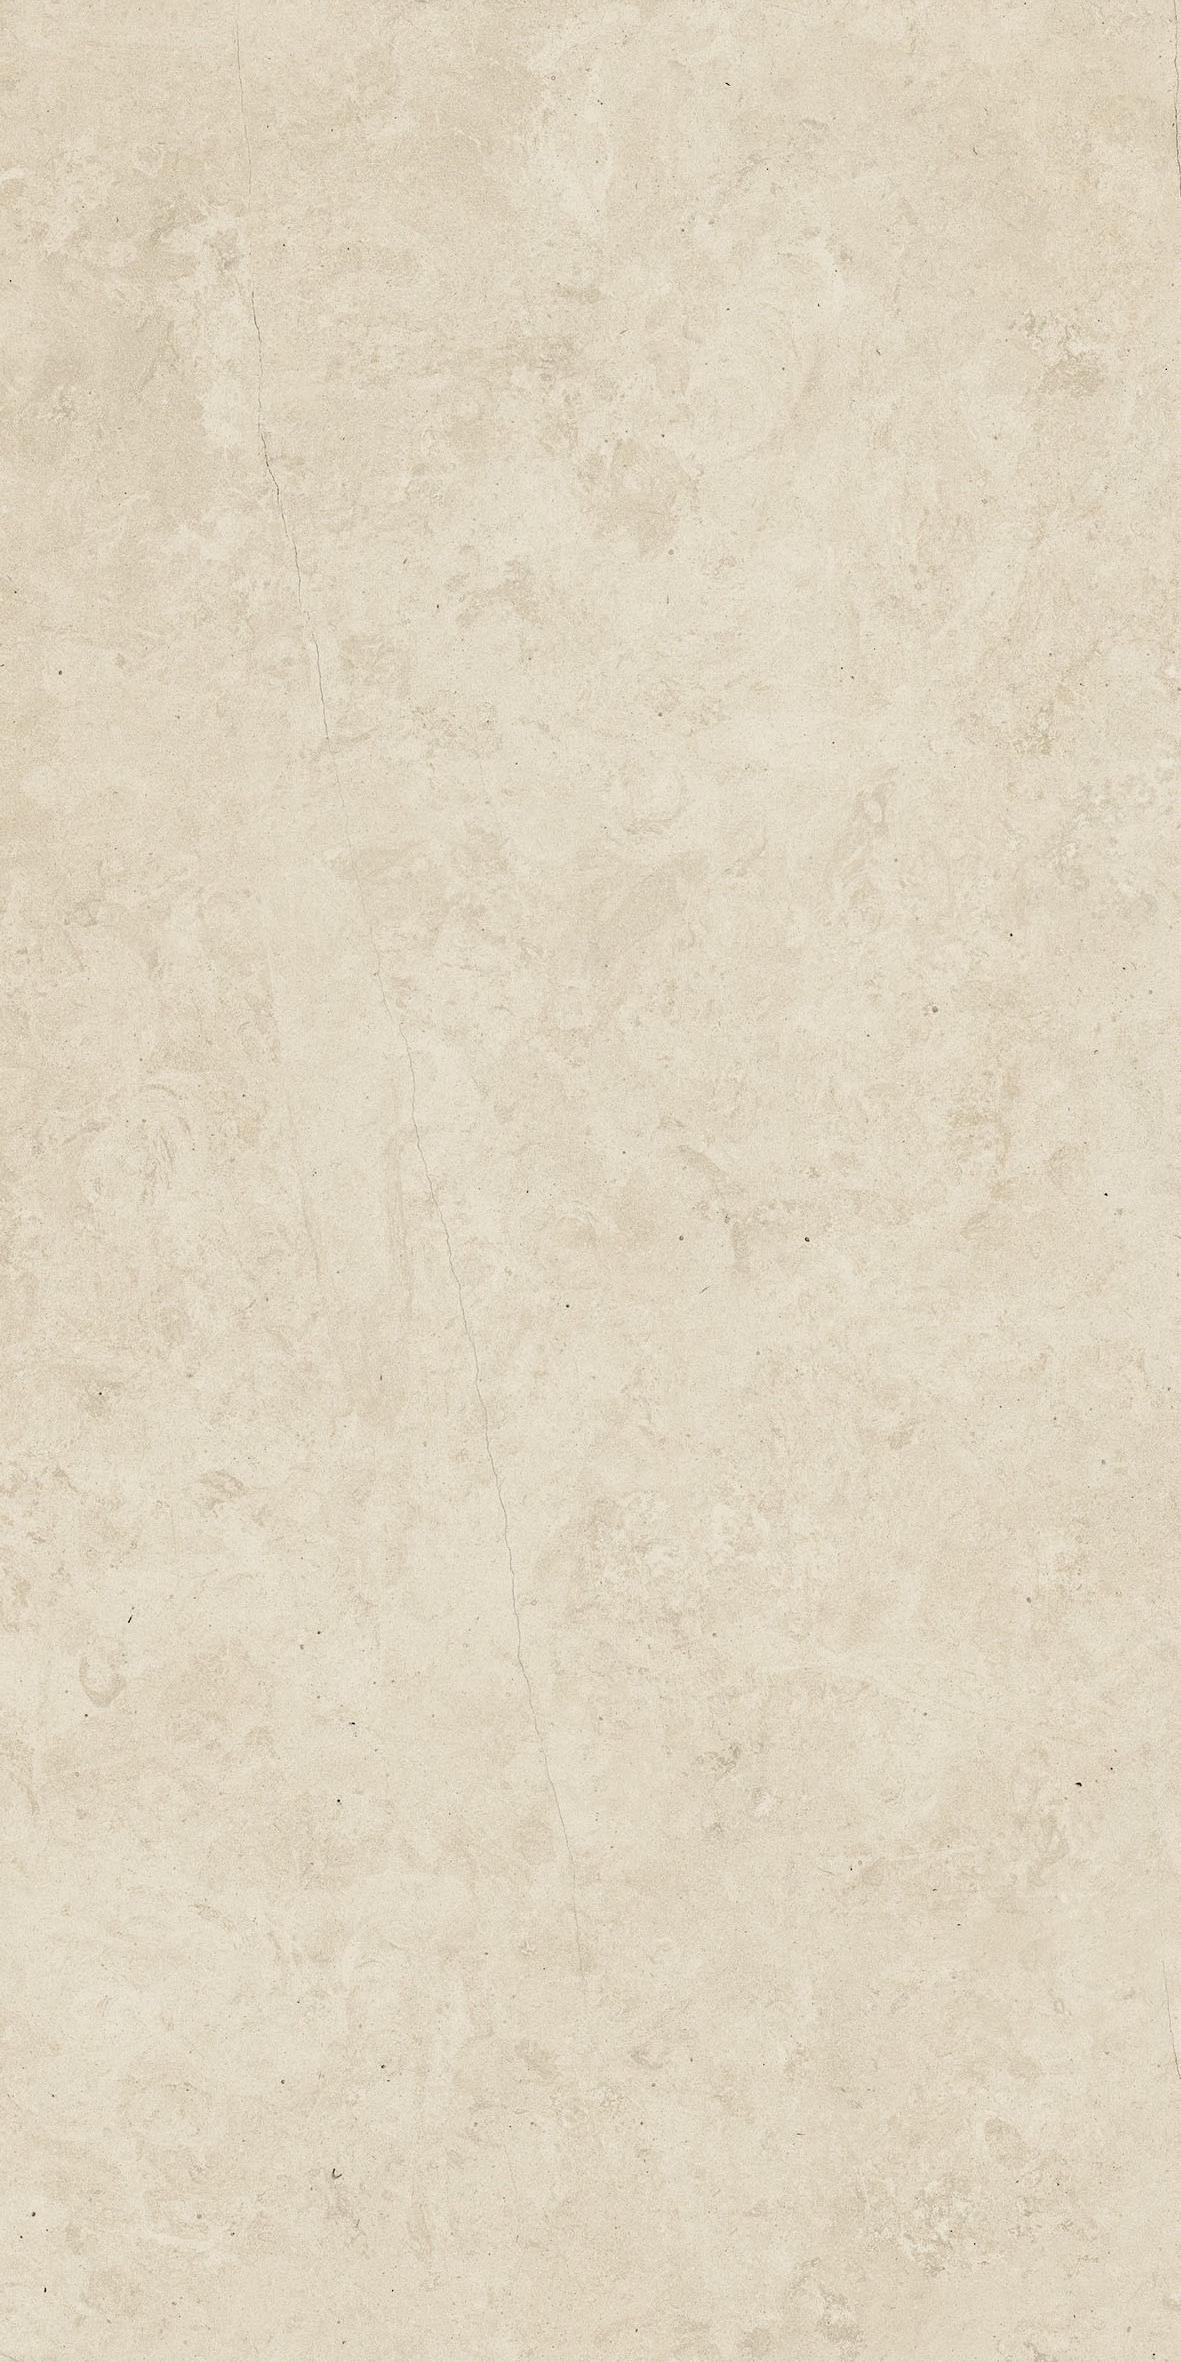 плитка из керамогранита структурированная italon дженезис 30x60 серый 610010001387 Плитка из керамогранита структурированная Italon Дженезис 30x60 белый (610010001384)